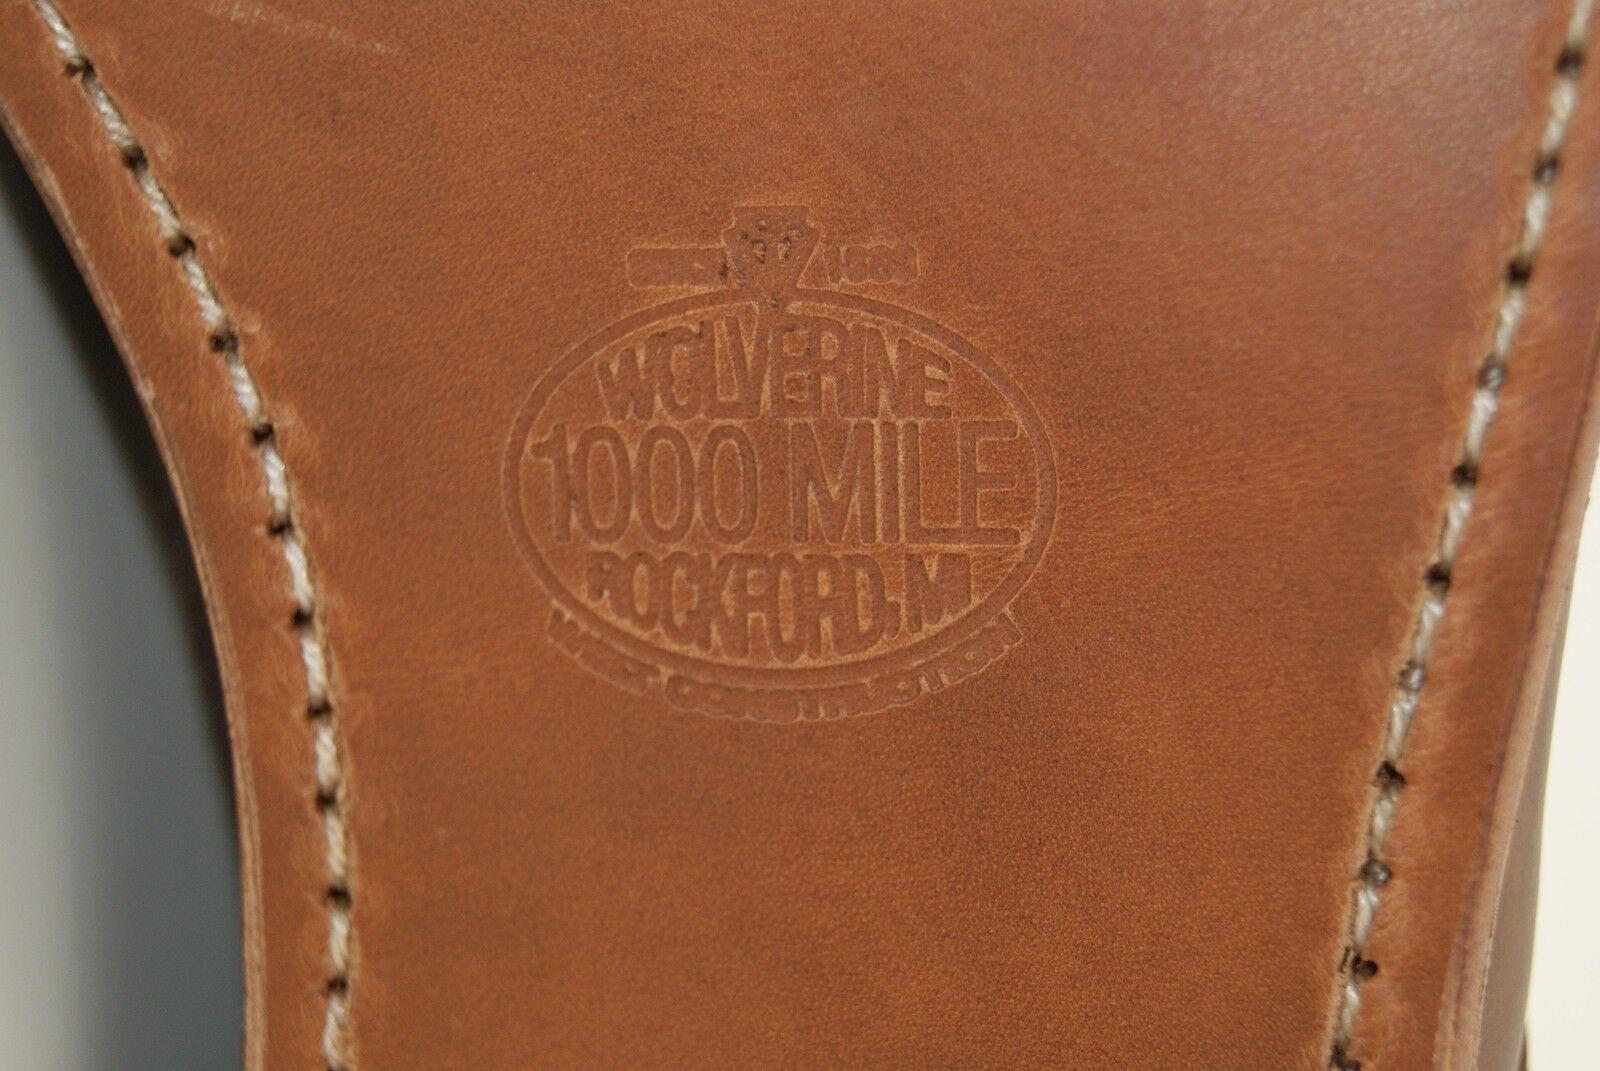 Wolverine Stiefel 1000 Mile Wingtip Addison Stiefel Wolverine Stiefeletten Schnürstiefel W06000 0f78a4